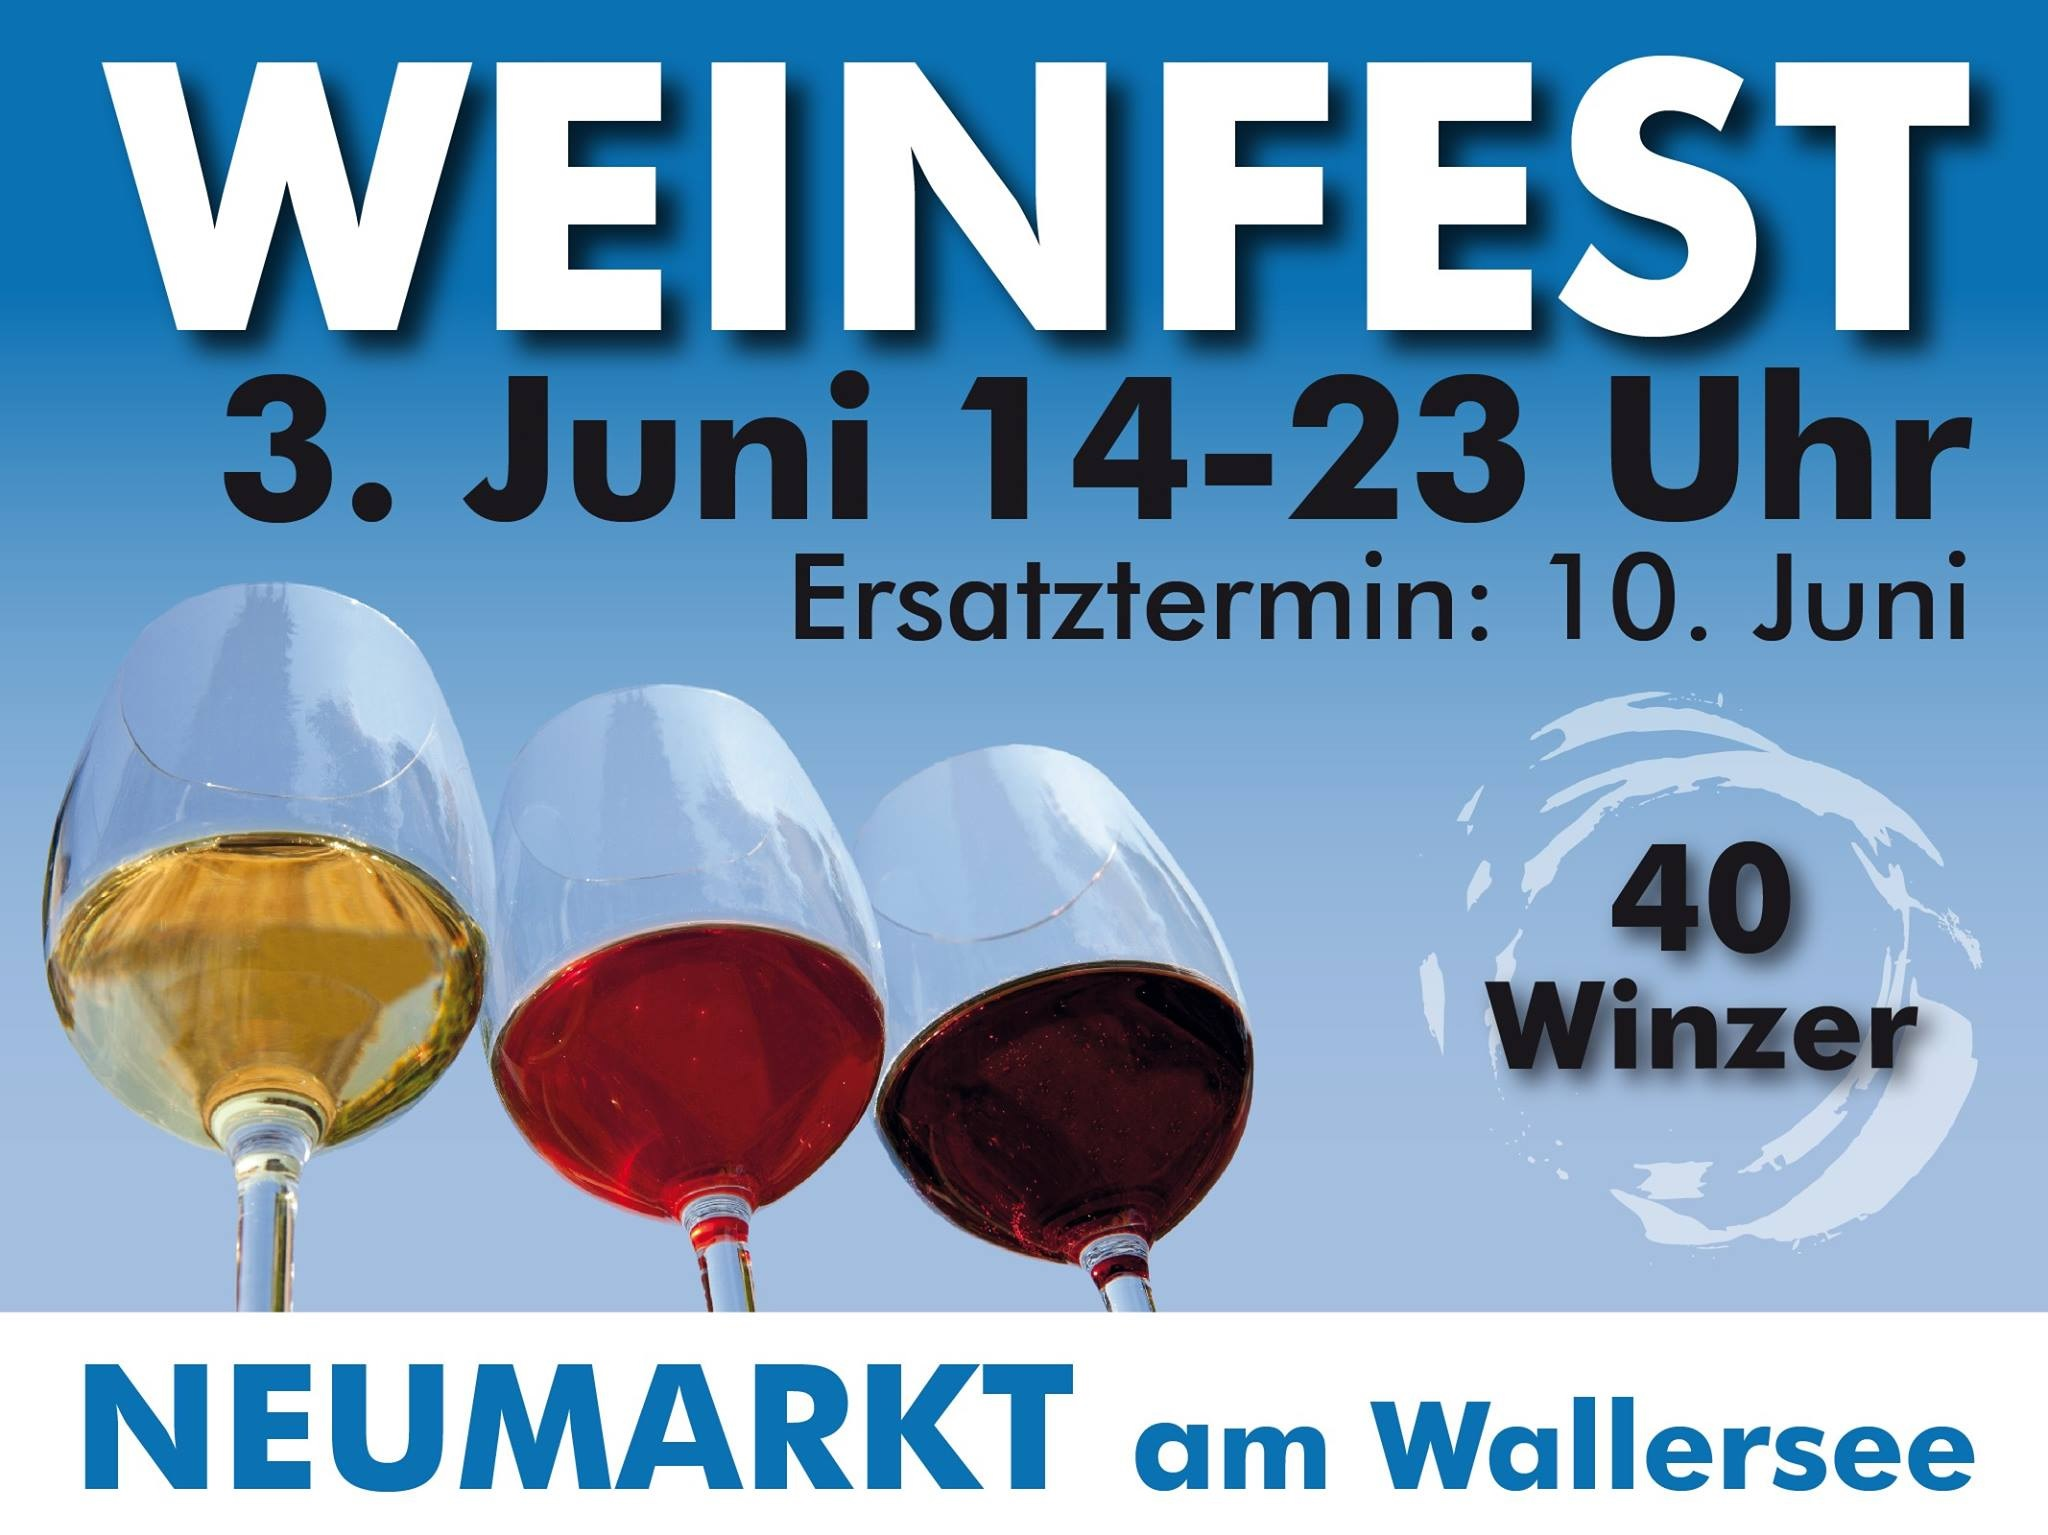 Weinfest in Neumarkt